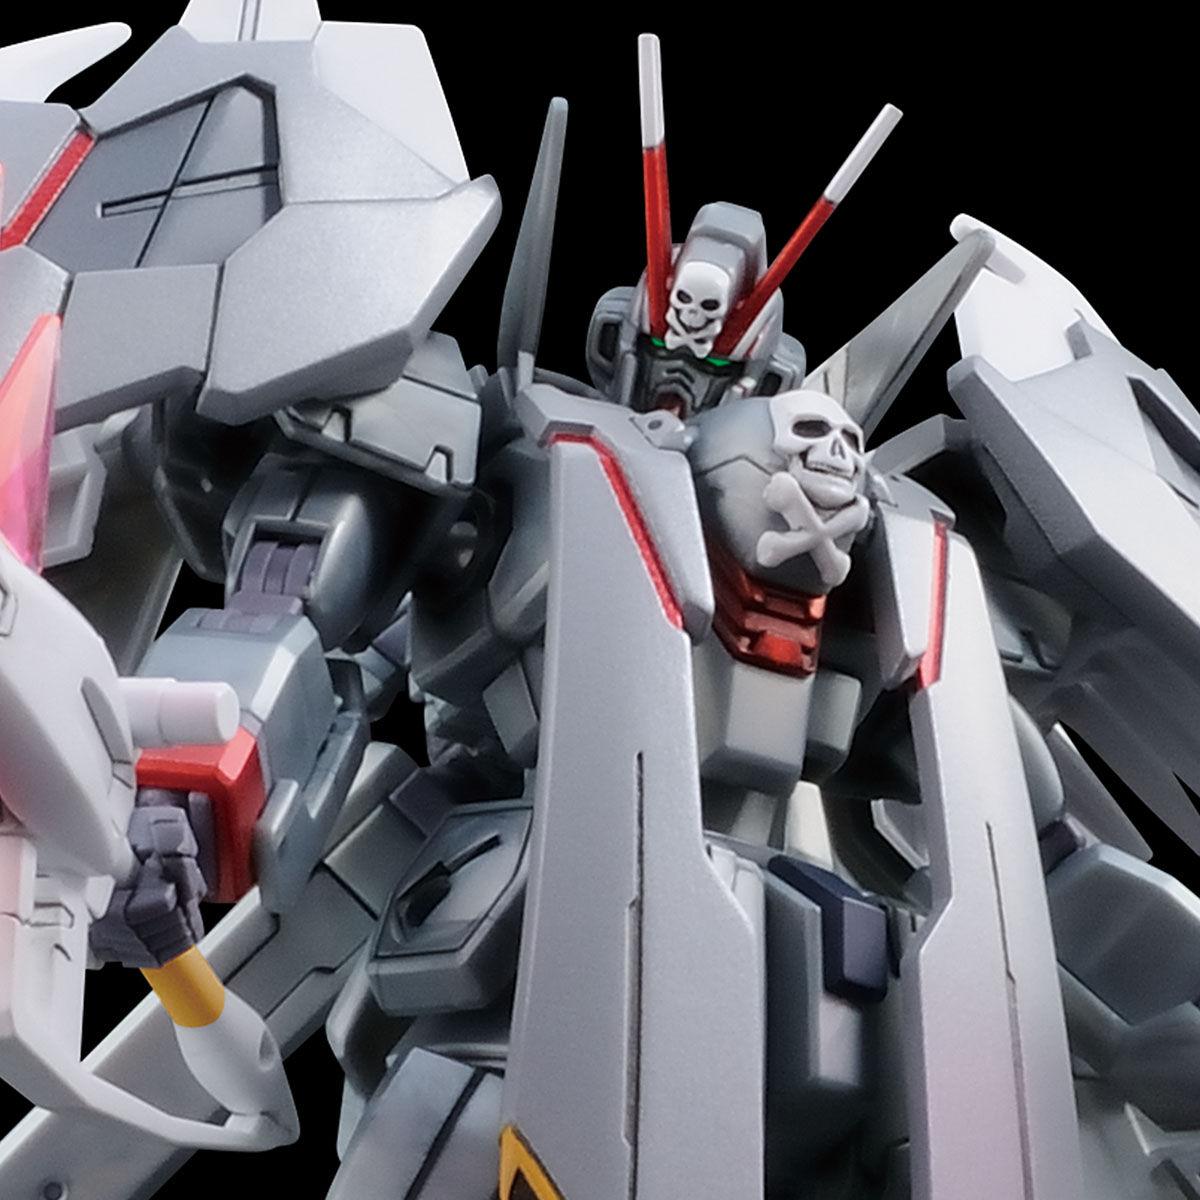 【限定販売】HG 1/144『クロスボーン・ガンダムX-0フルクロス』プラモデル-001